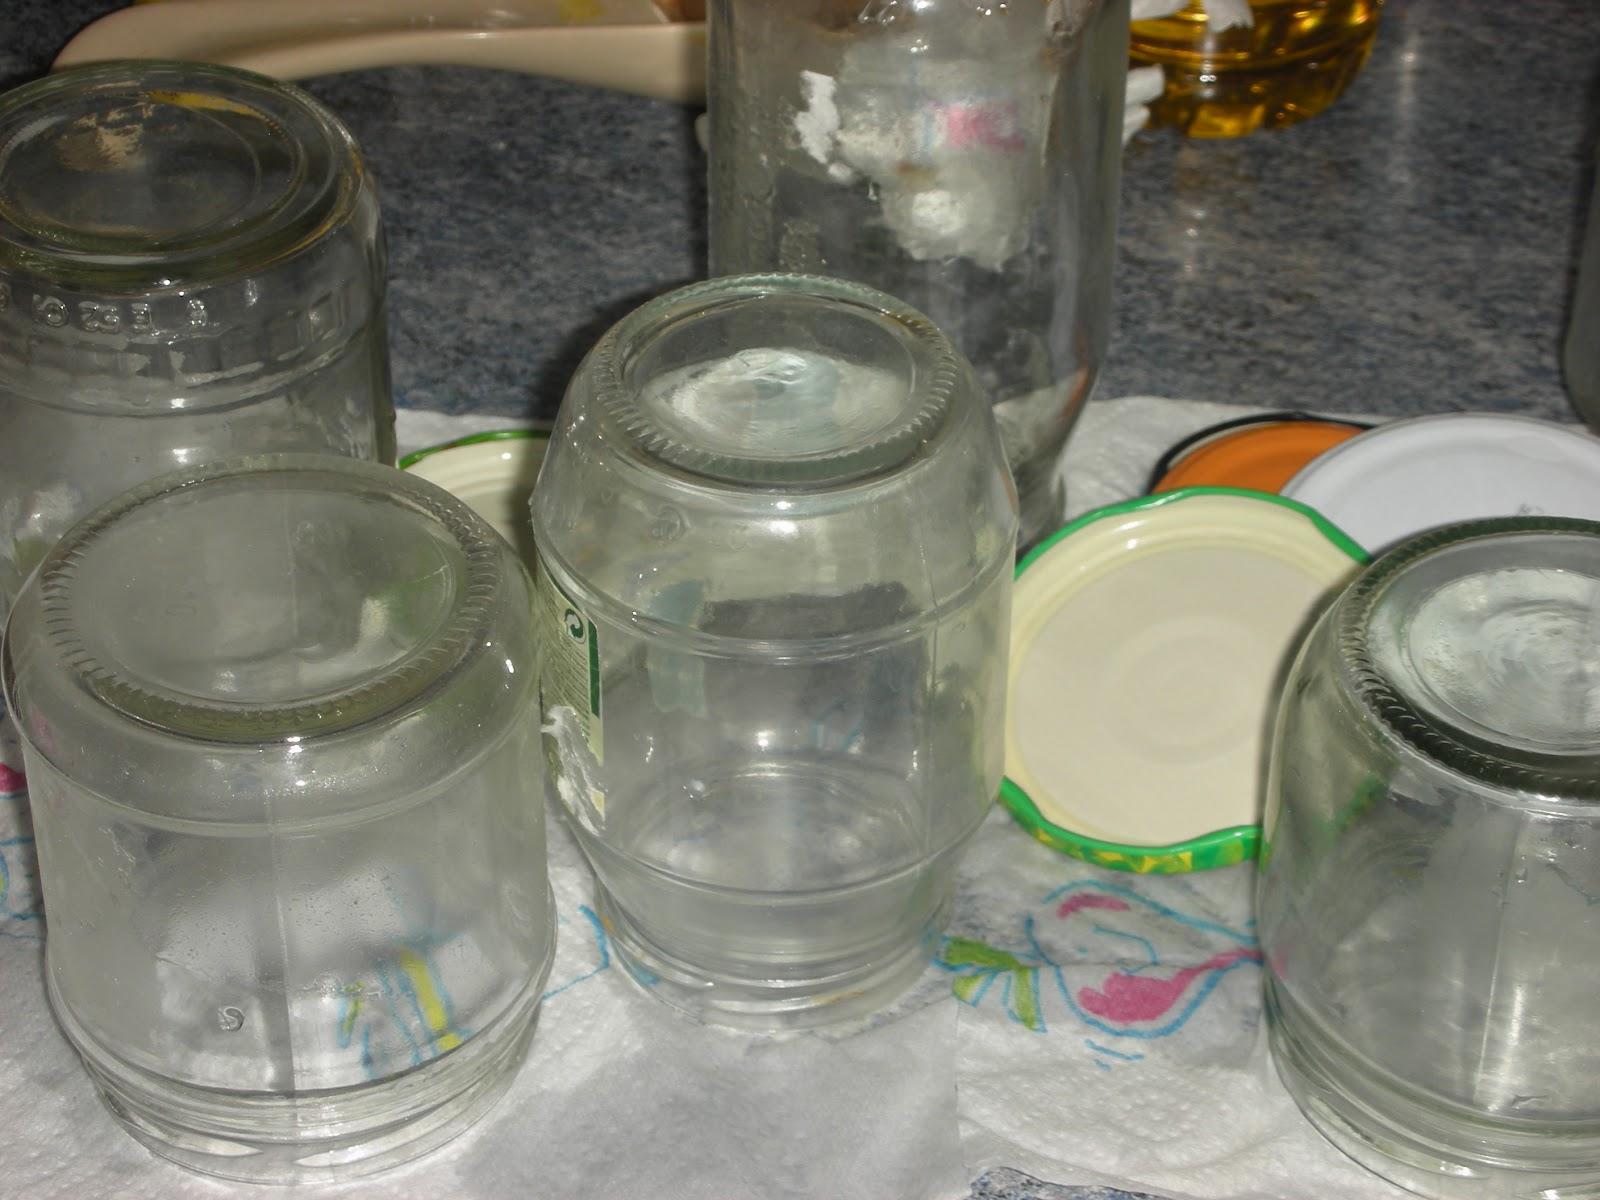 Cocinando con gaia esterilizar frascos para conservas - Cocinar con conservas ...